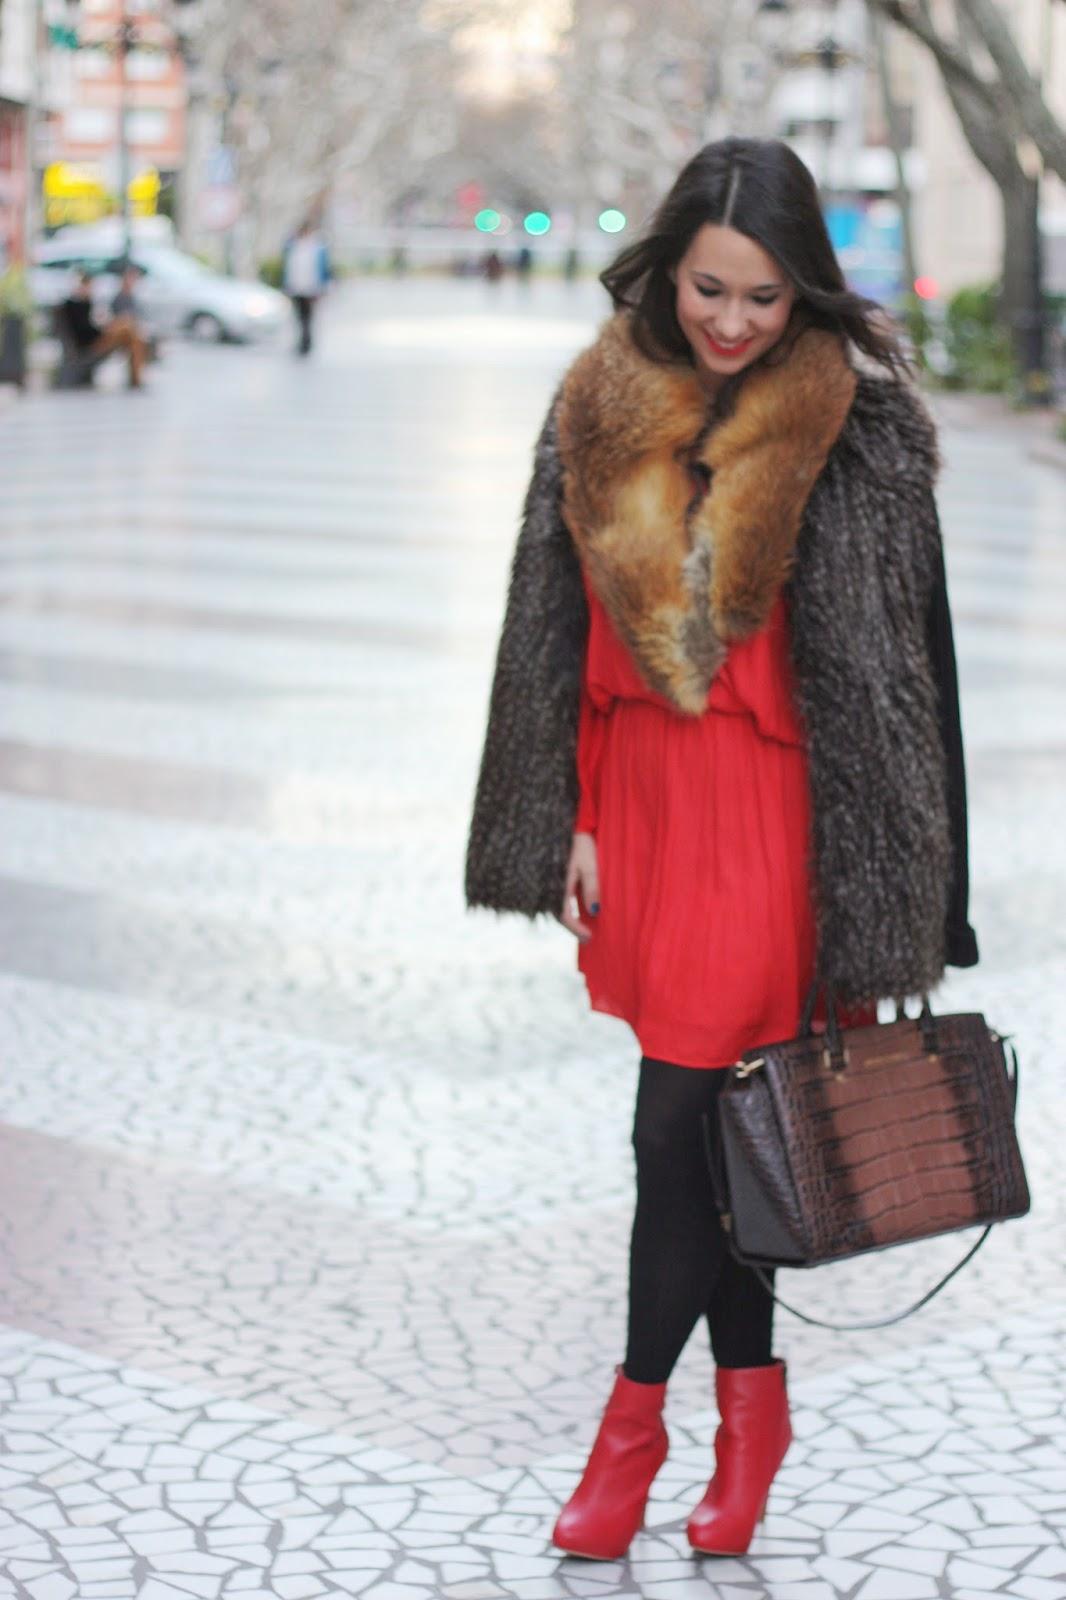 http://silviparalasamigas.blogspot.com.es/2015/02/fox-fur-neck.html